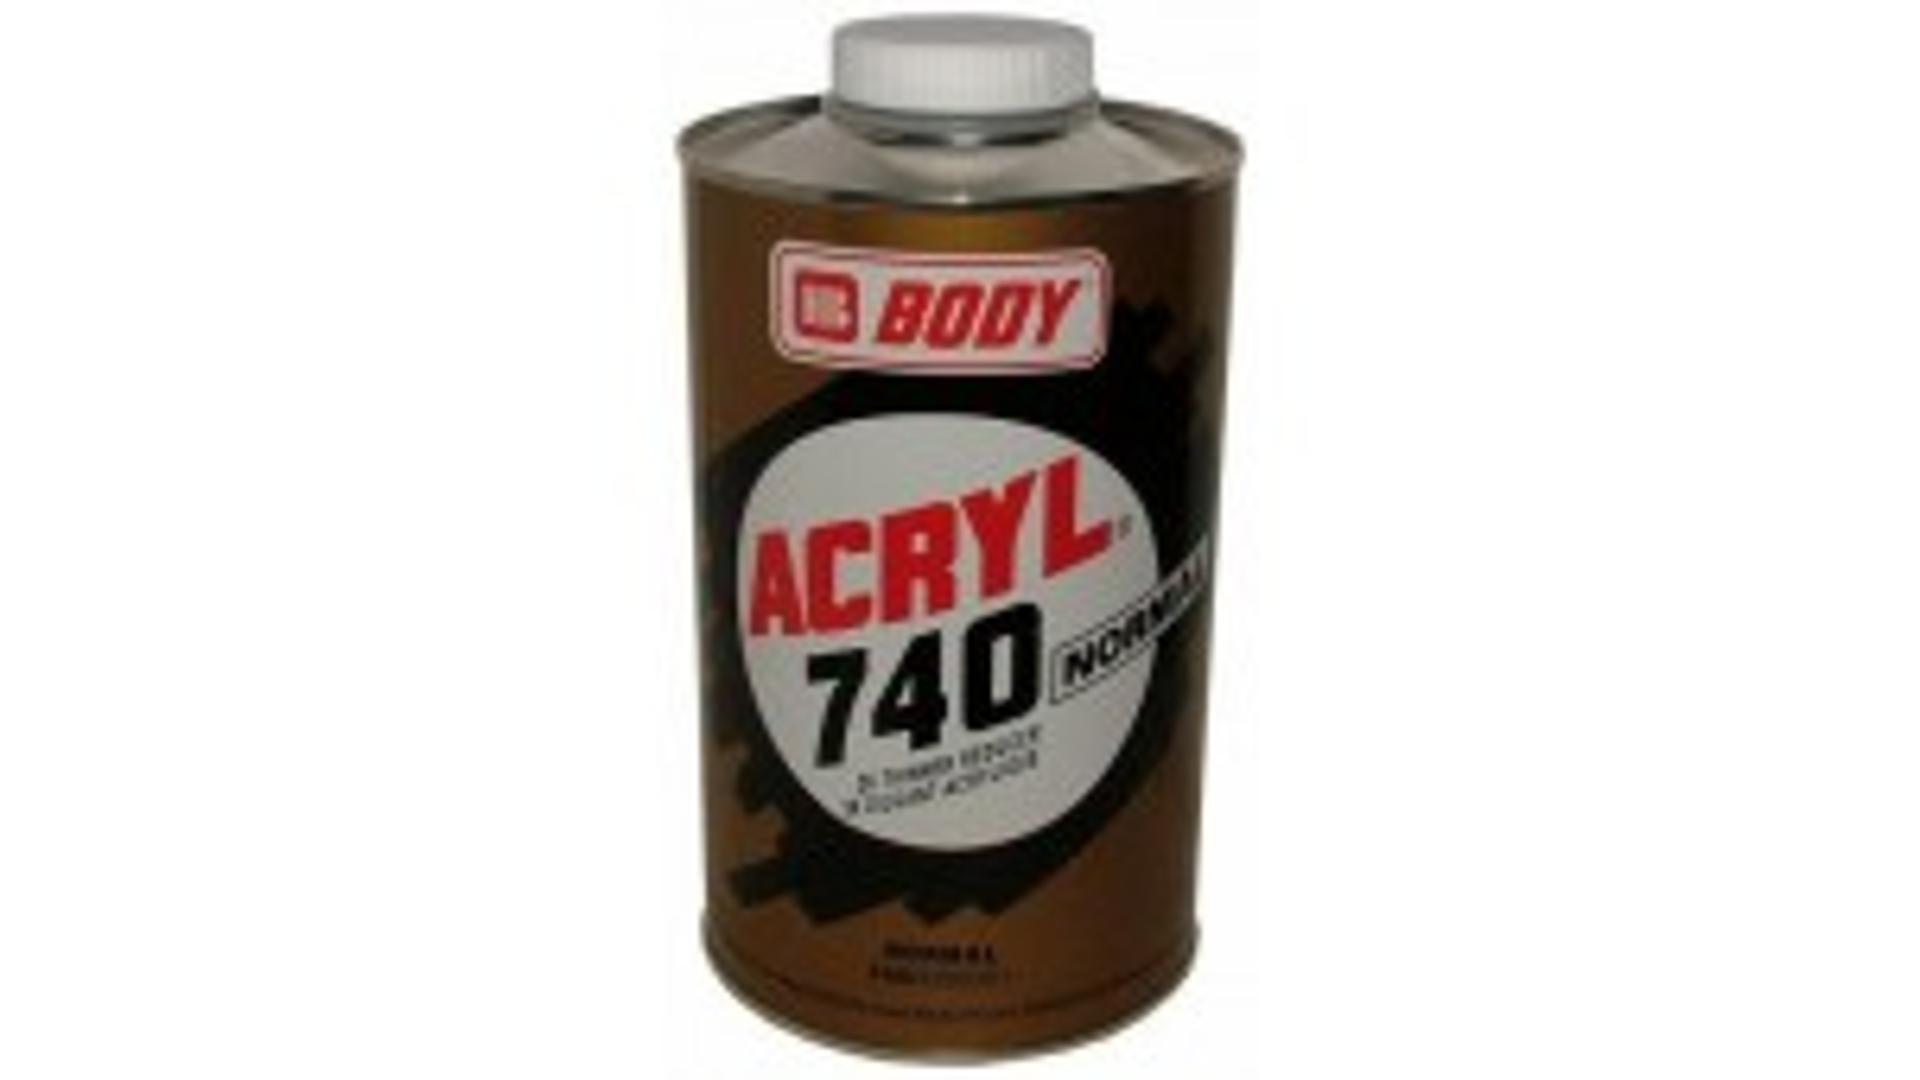 HB BODY 740 akrylové ředidlo normal 500ml